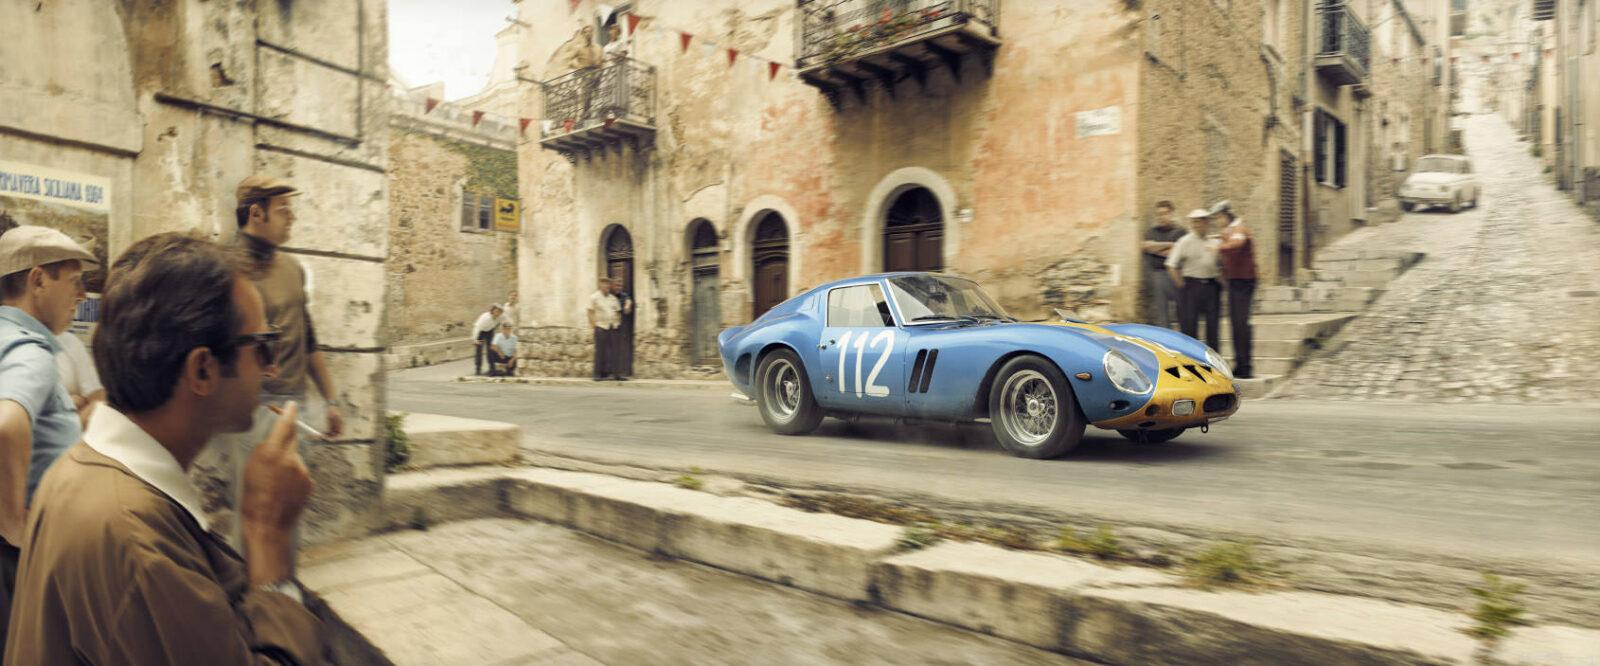 Ferrari 250 GTO 1 1600x666 - Ferrari 250 GTO by Unique & Limited